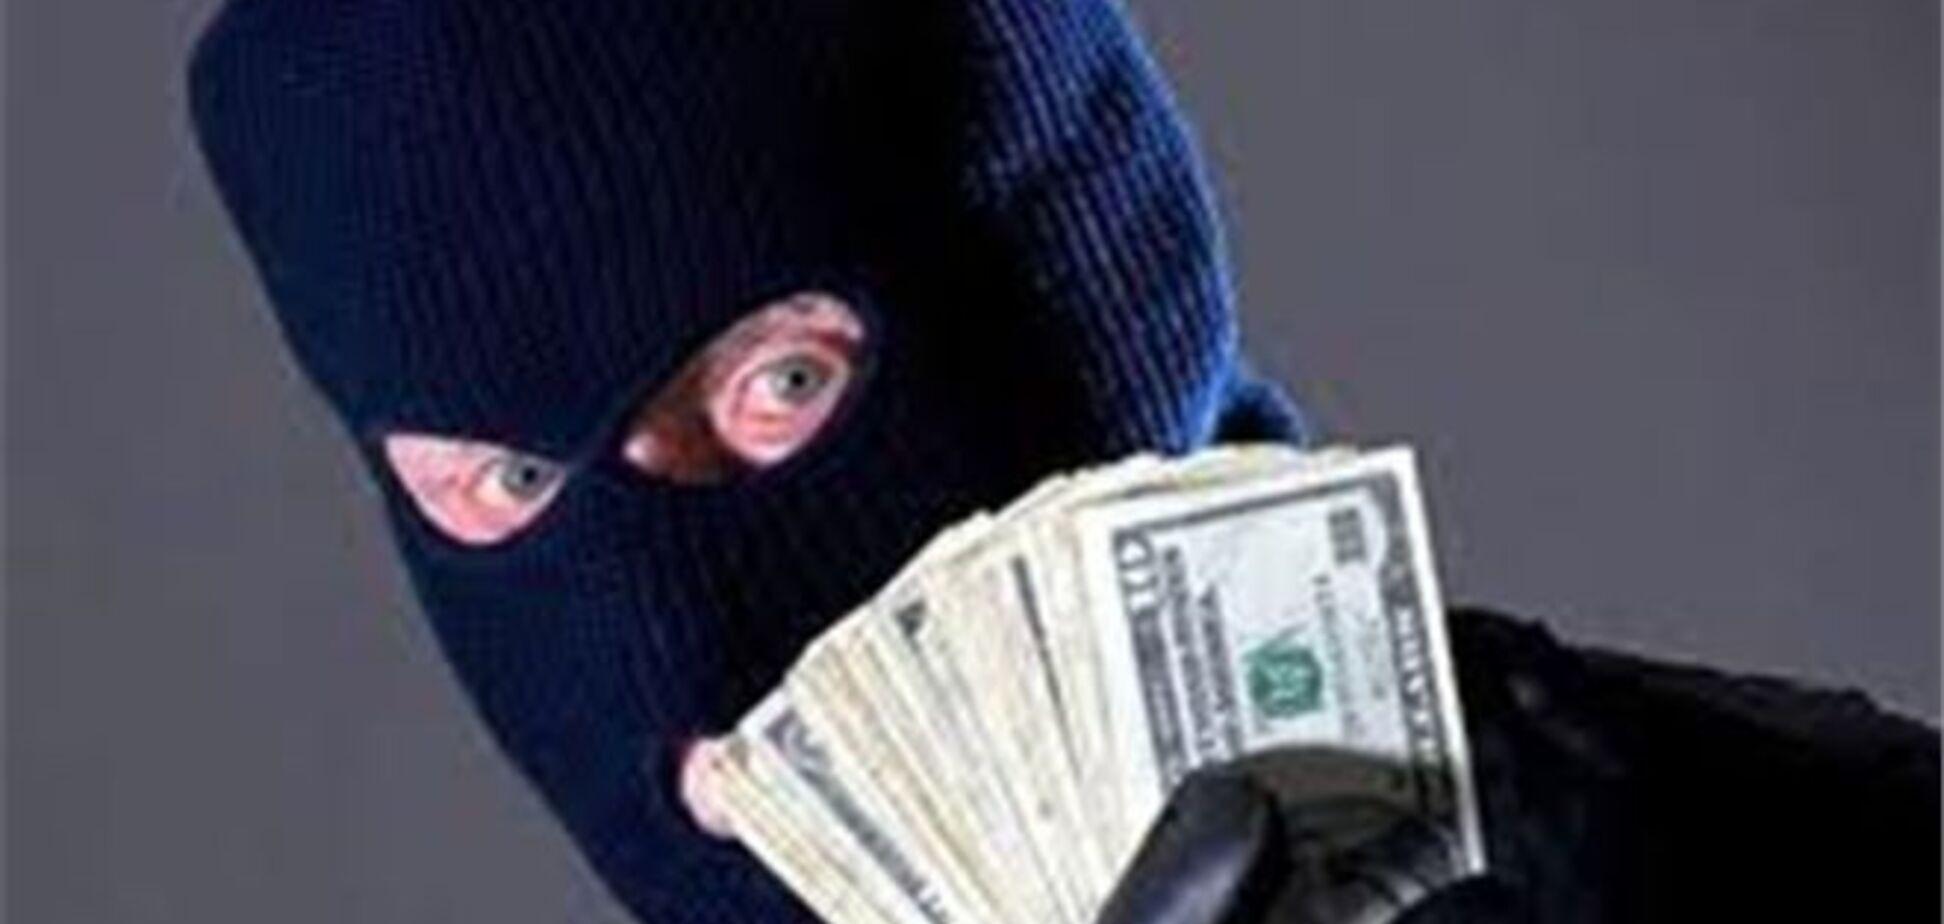 ПриватБанк оголосив нагороду за упіймання зломщика терміналу